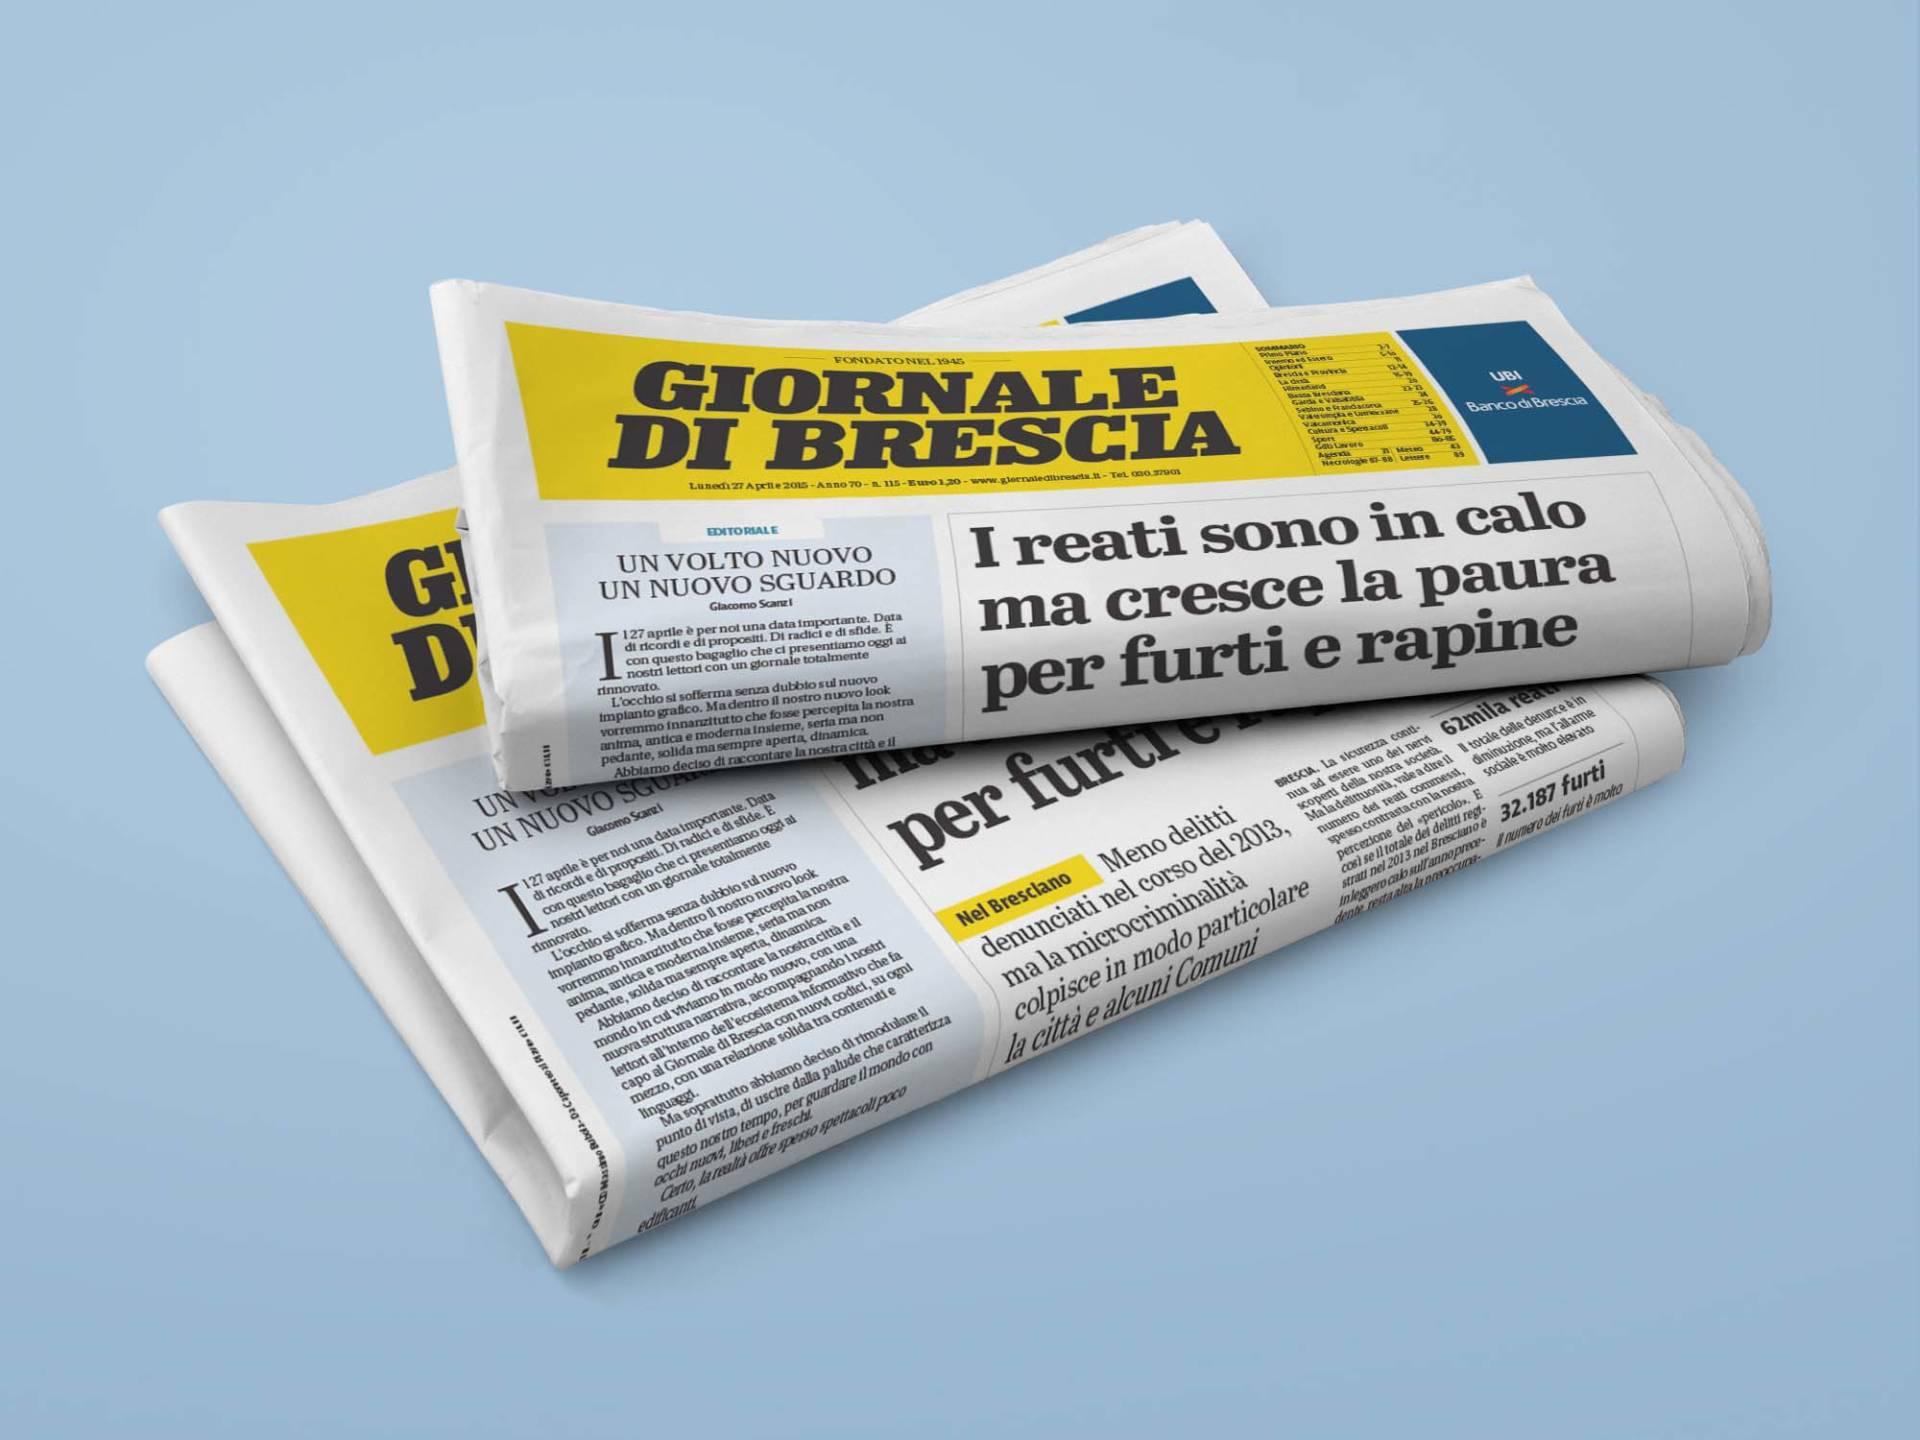 Giornale_di_Brescia_01_Wenceslau_News_Design